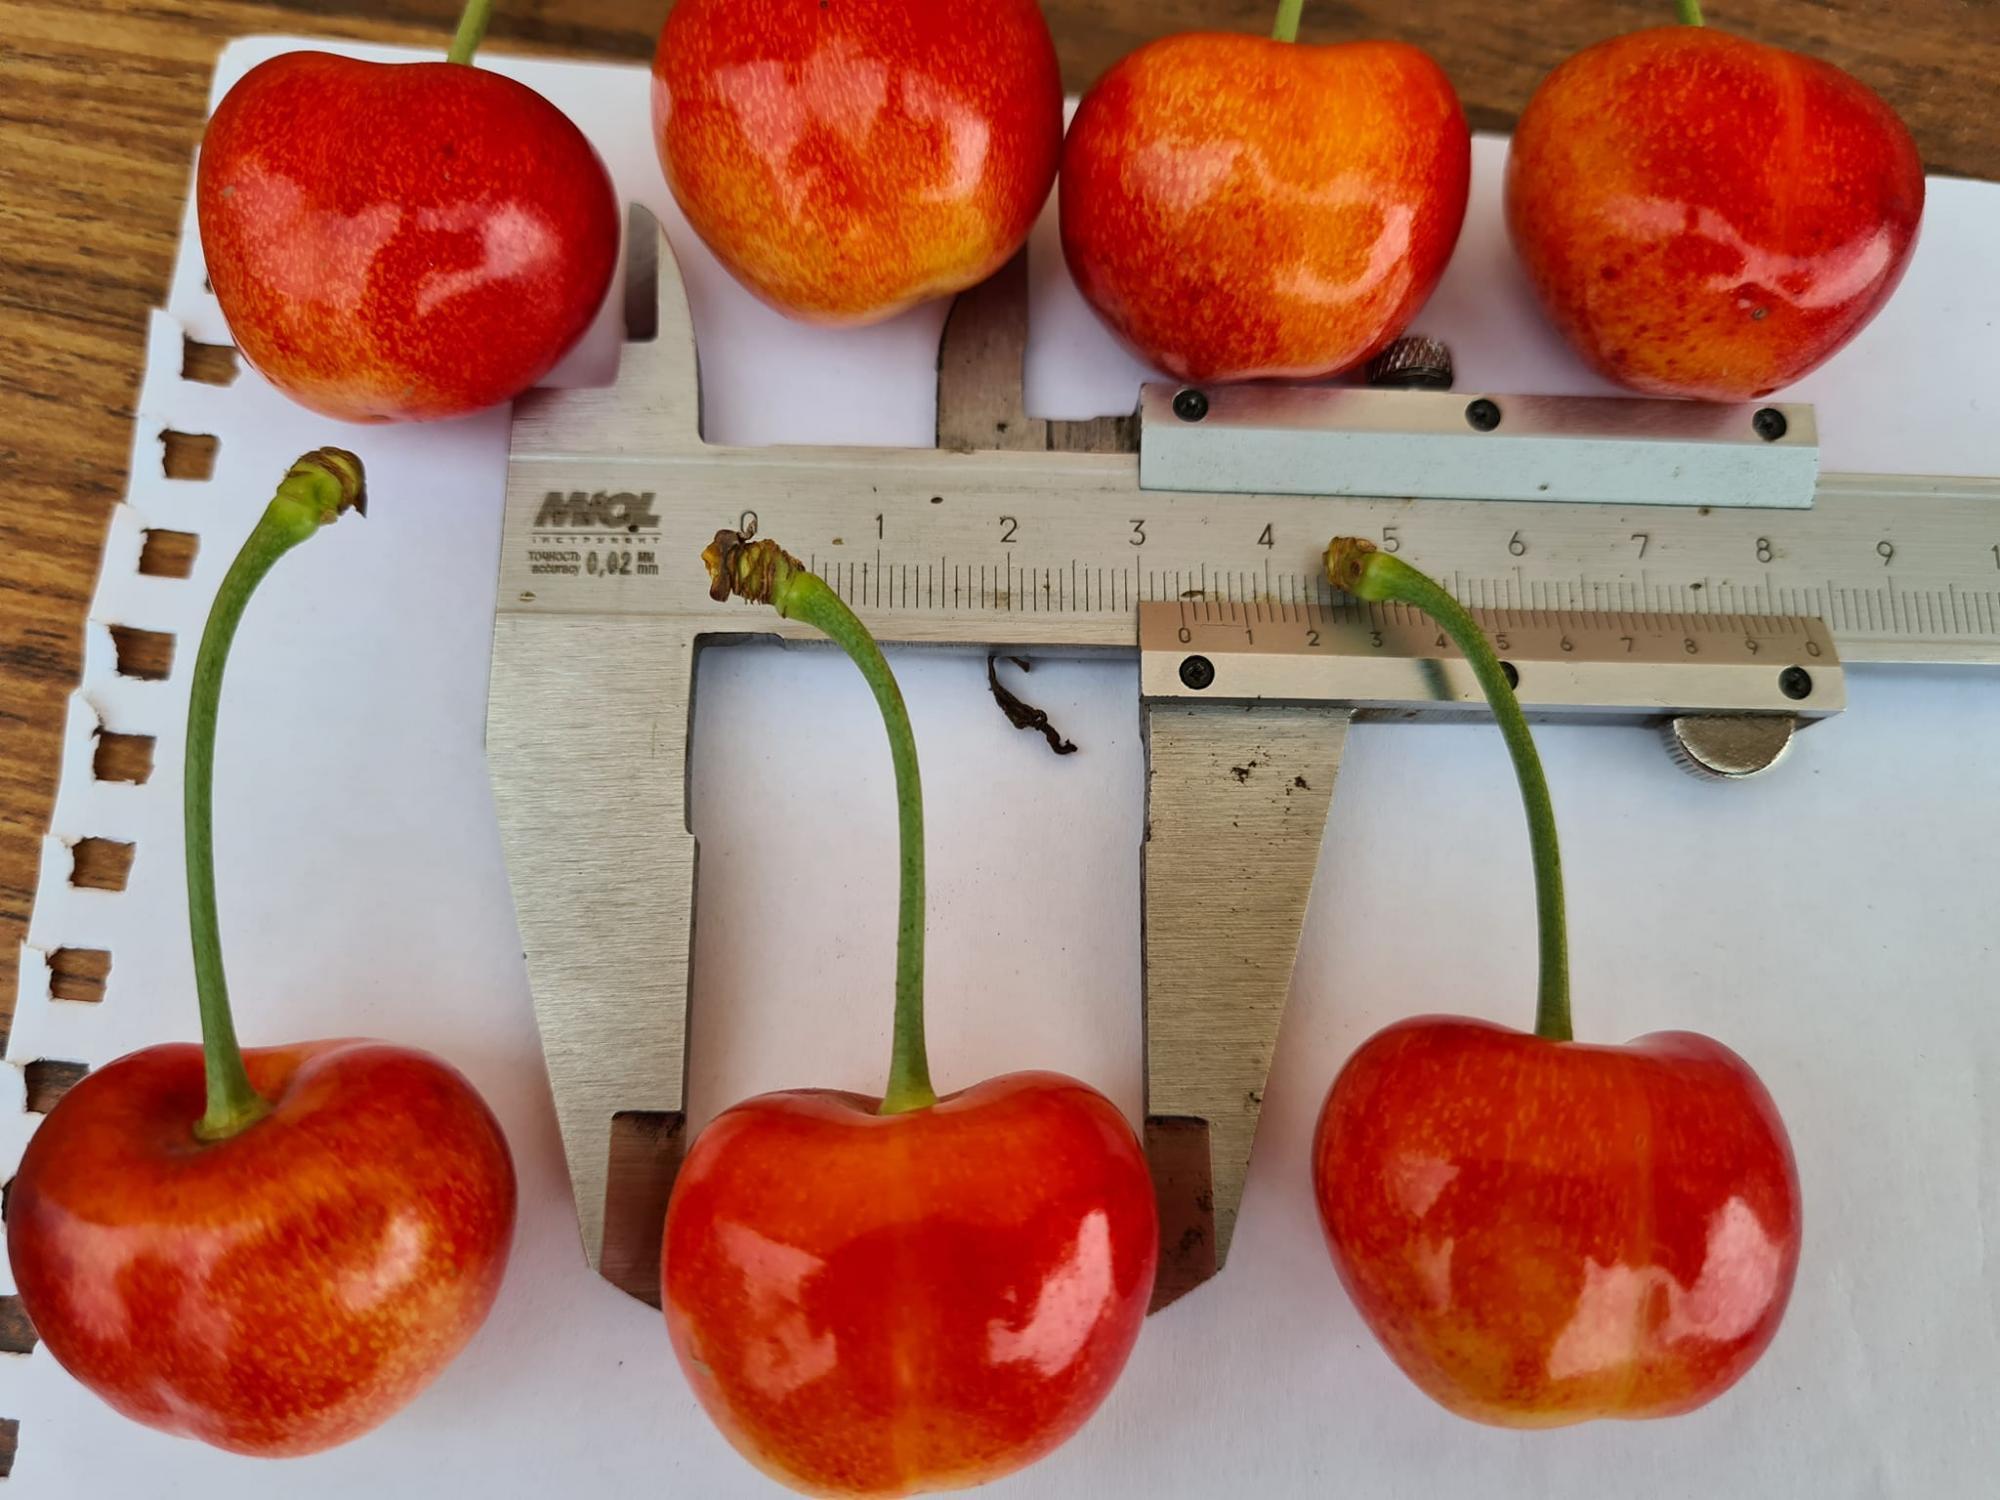 Украинские фермеры вырастили черешню рекордных размеров: фото ягоды-гиганта